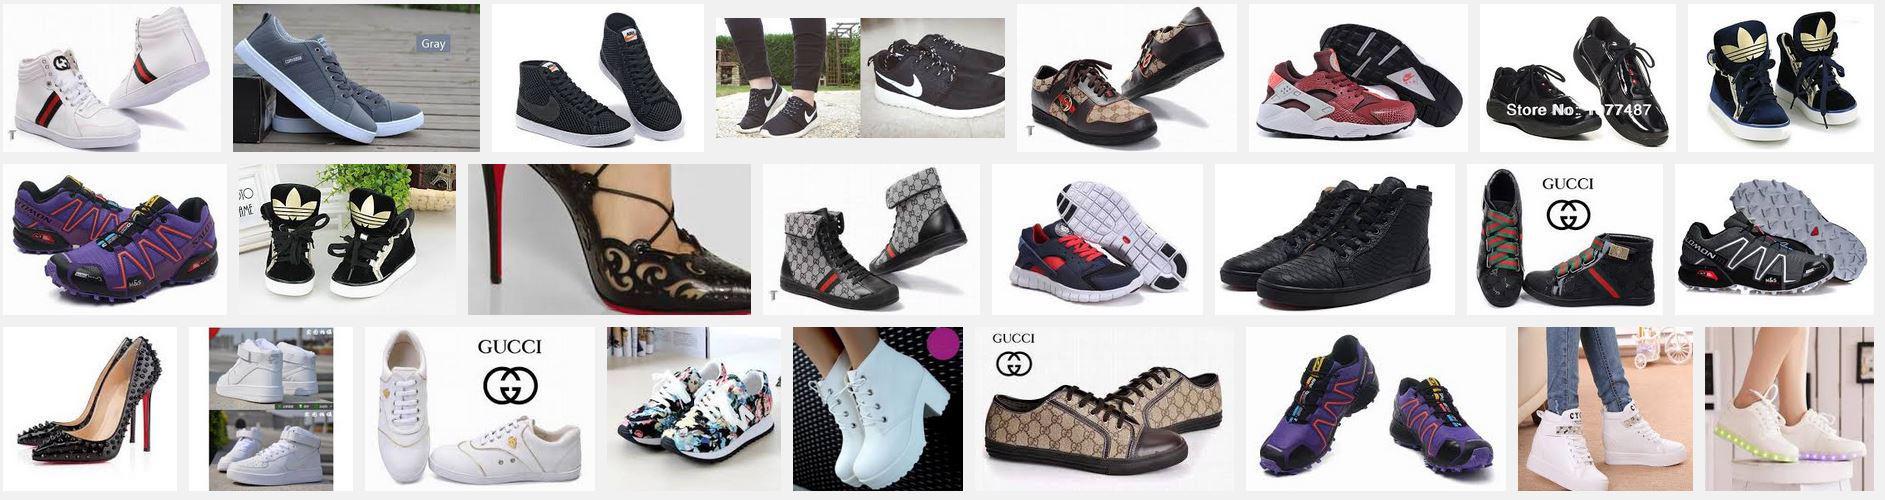 Chaussure AliExpress Mon avis sur les chaussures de marque